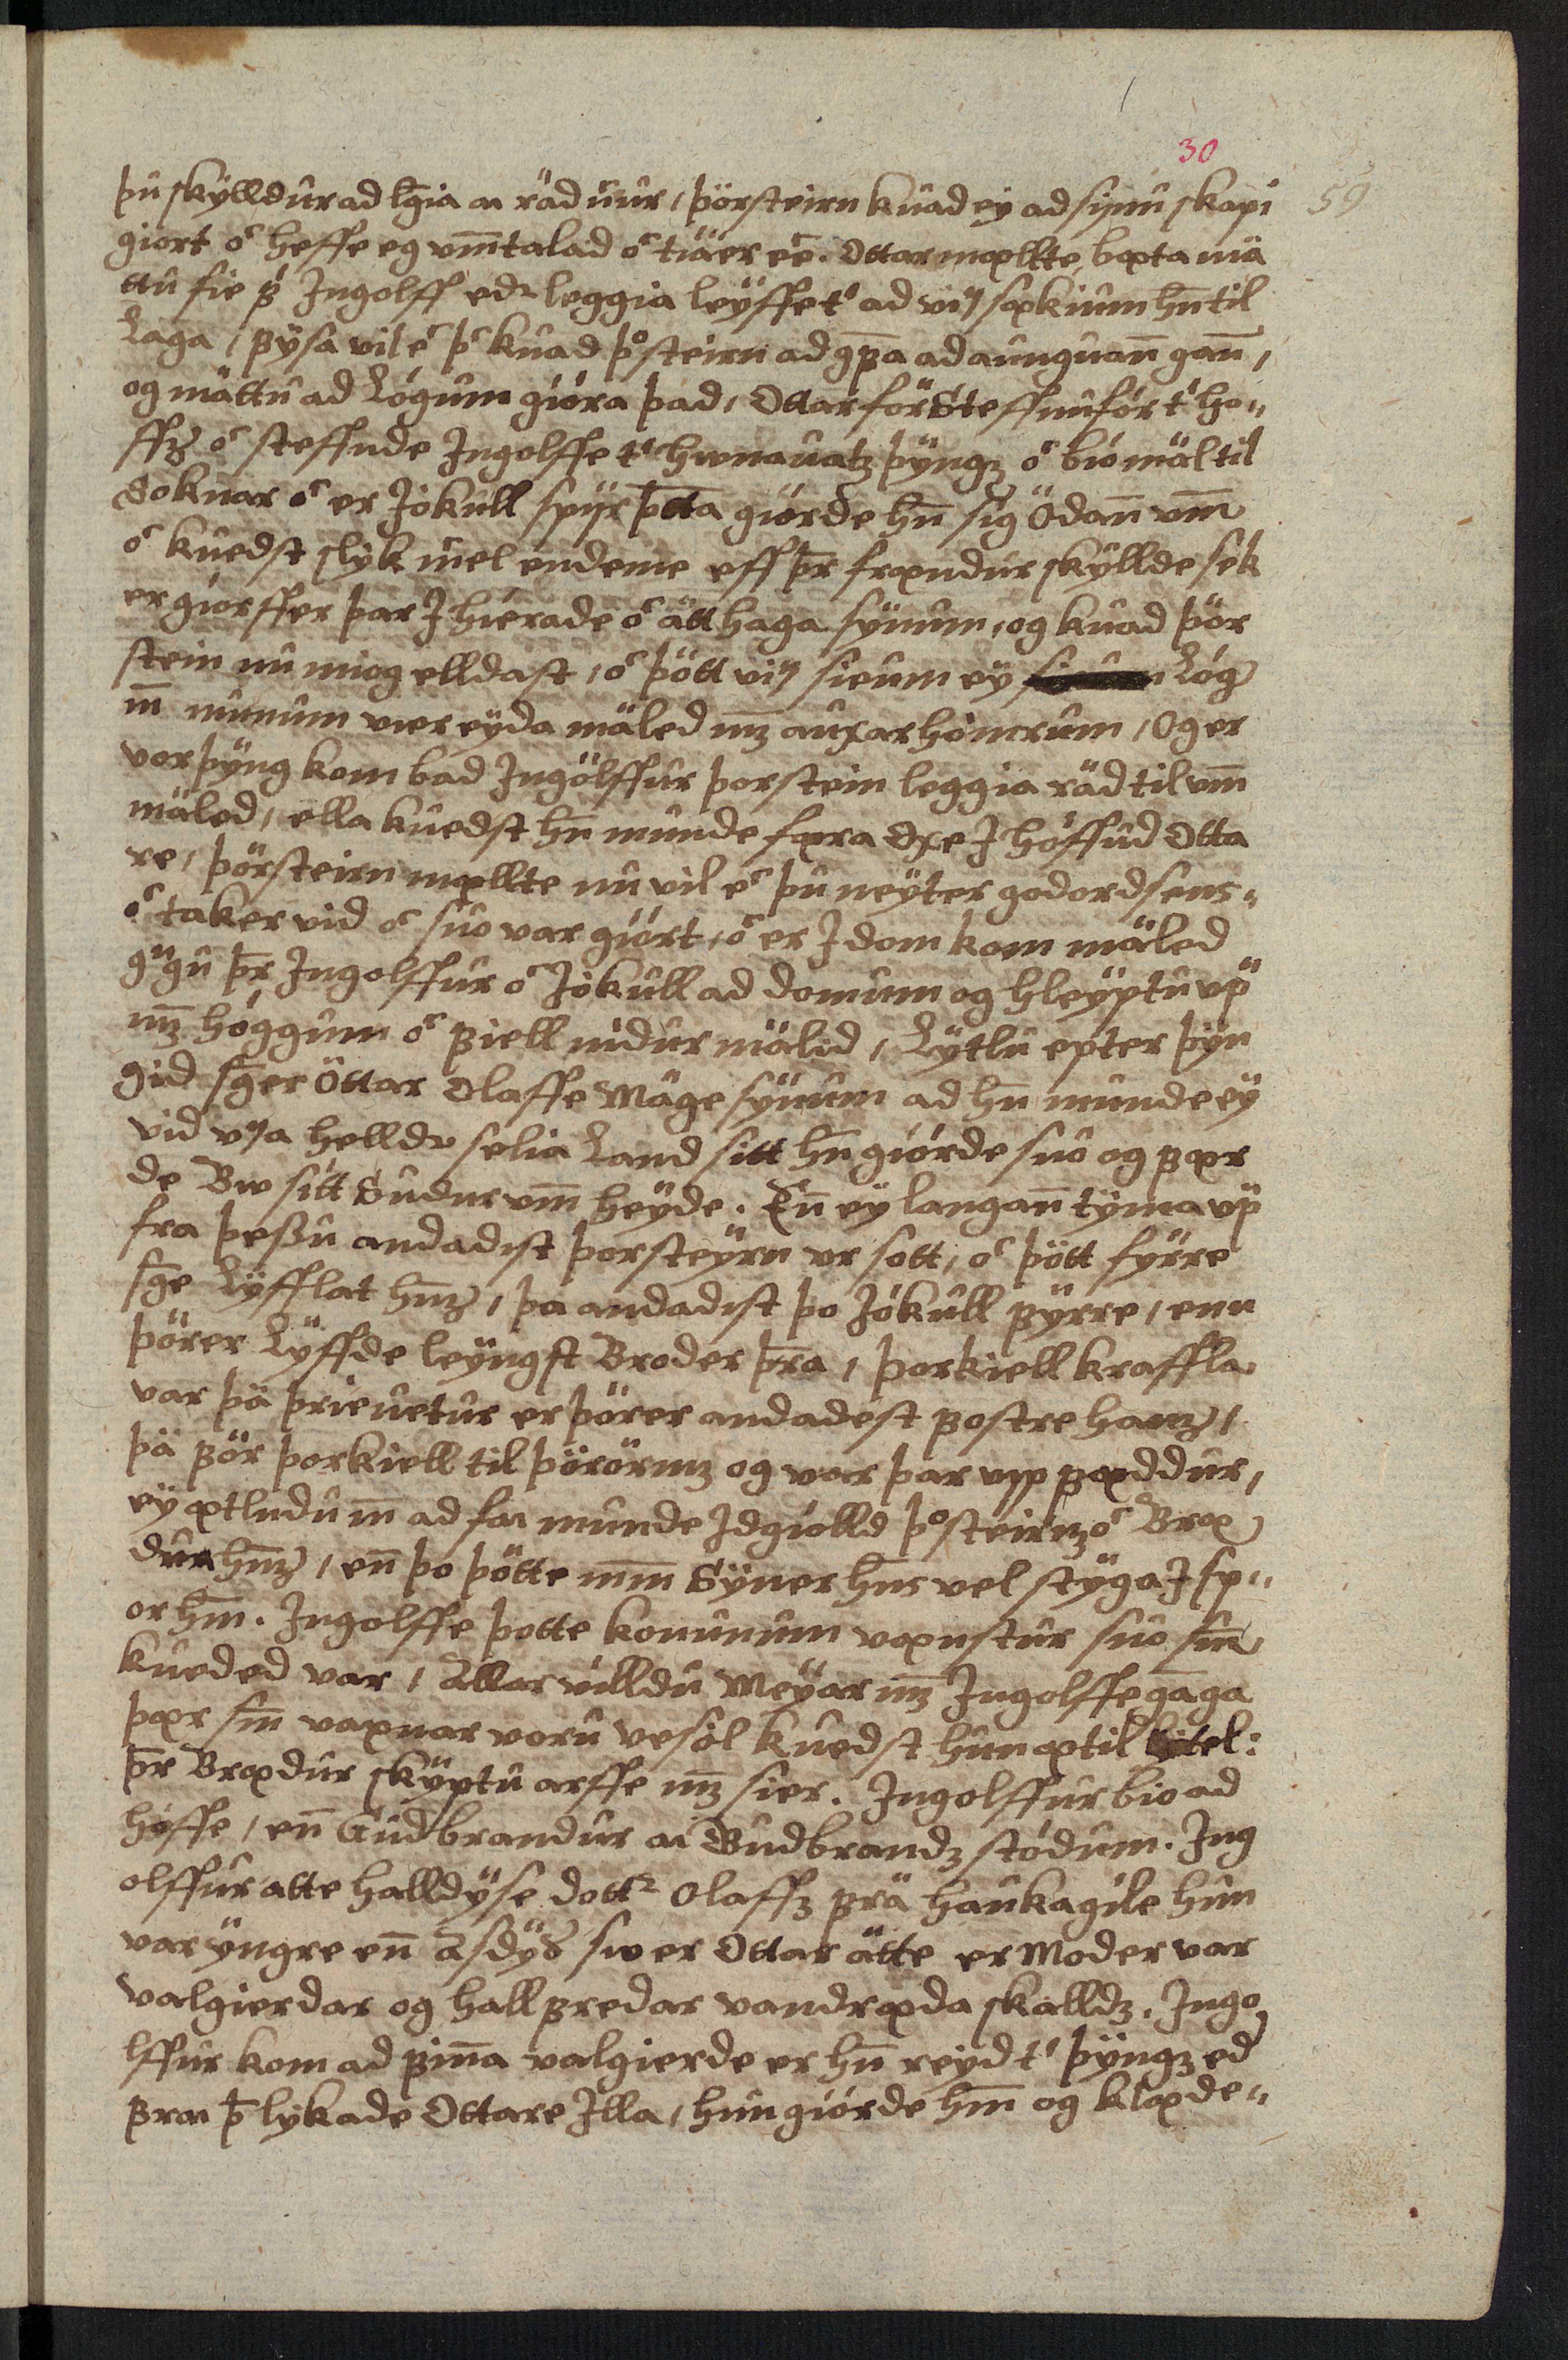 AM 138 fol - 30r